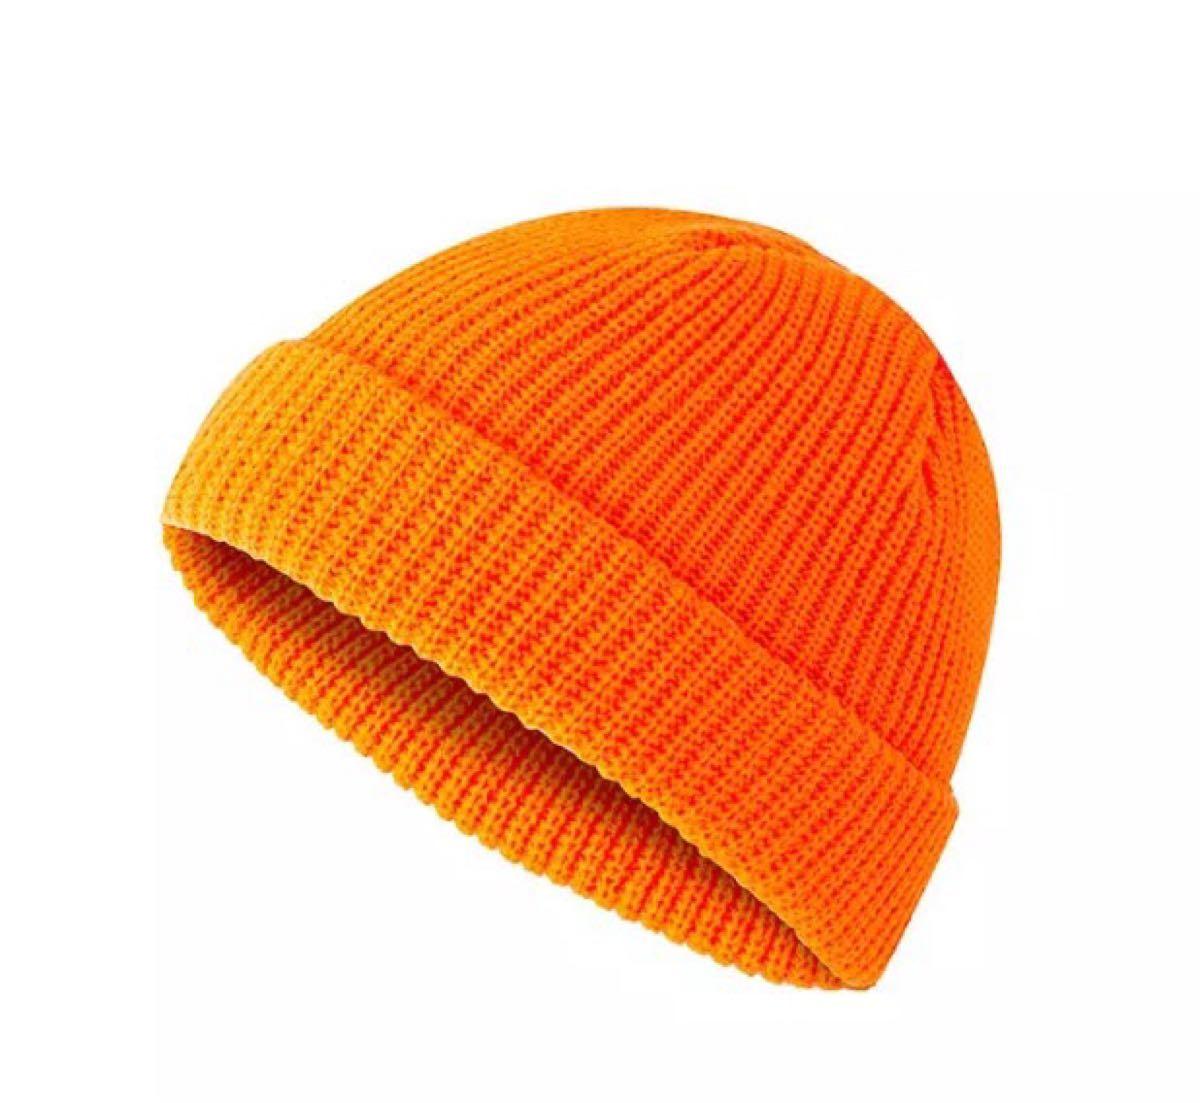 ニット帽 ビーニー オレンジ 無地 ニットキャップ